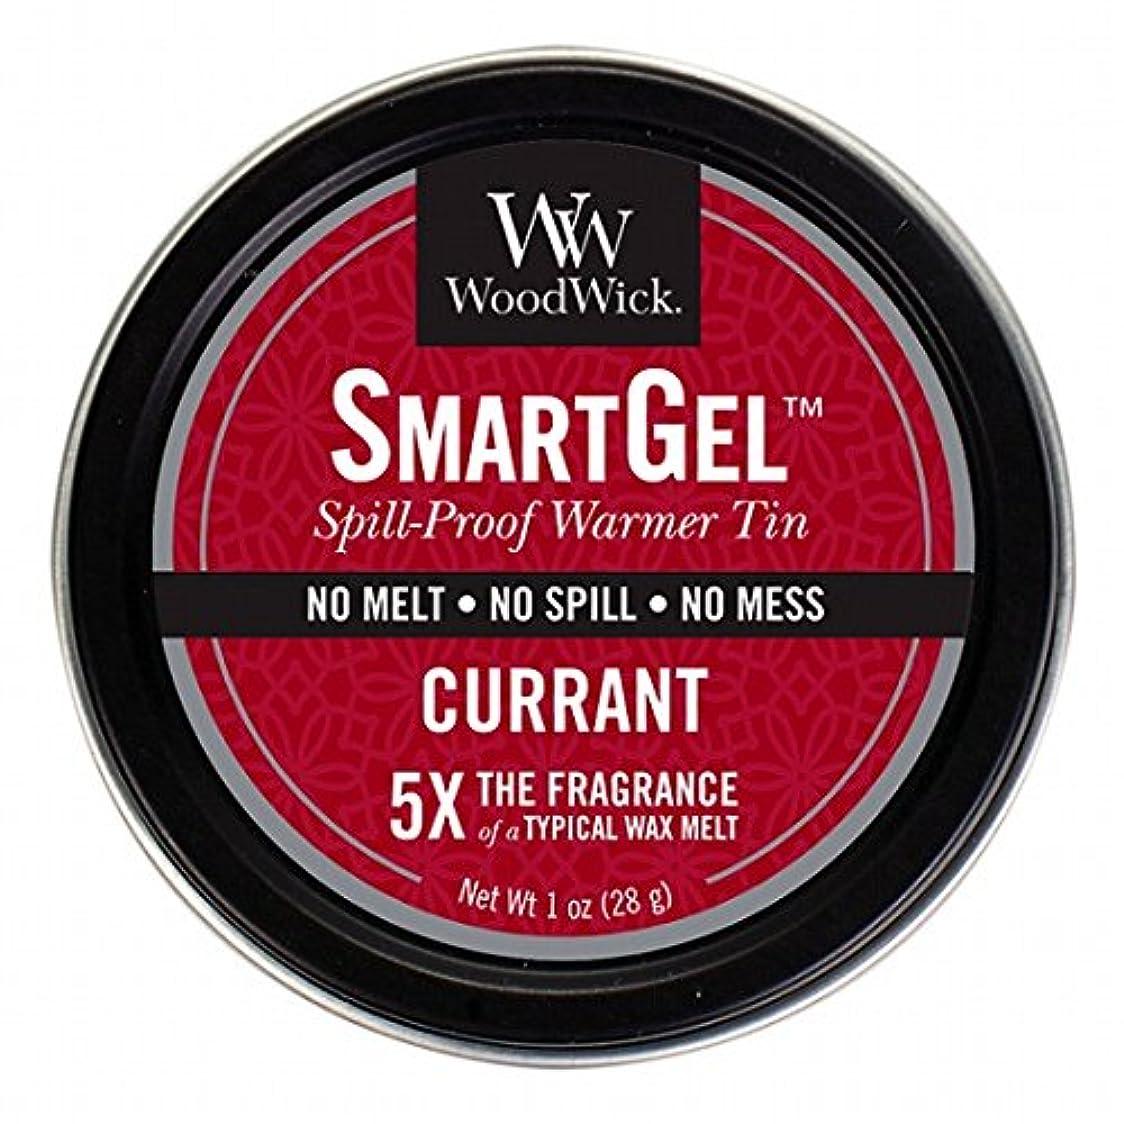 示すズームブラケットウッドウィック( WoodWick ) Wood Wickスマートジェル 「 カラント 」W9630520